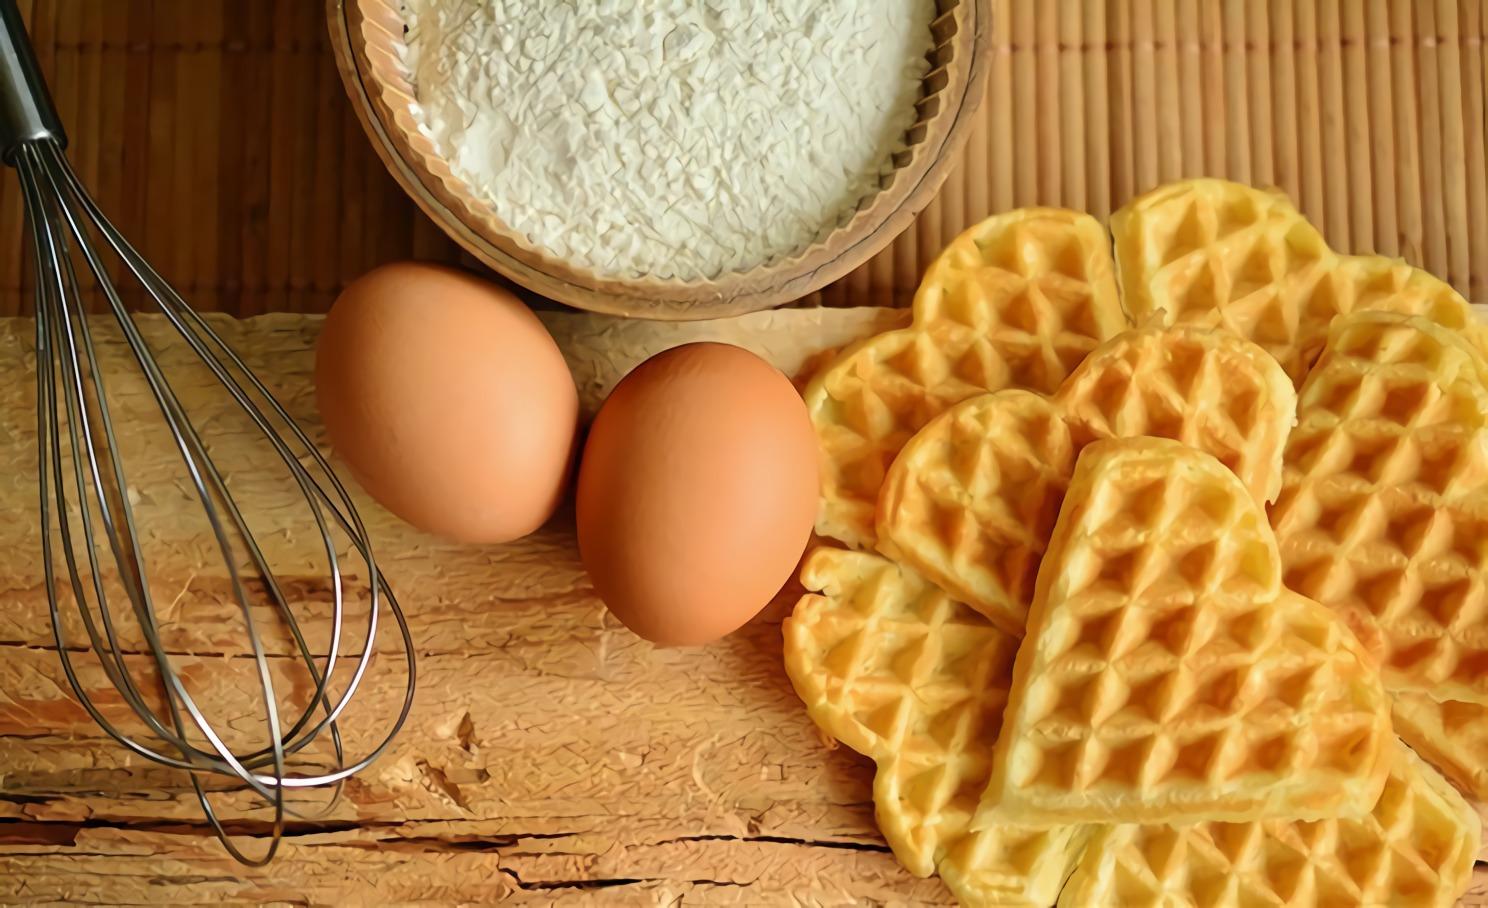 cara membuat waffle tanpa cetakan - cara membuat